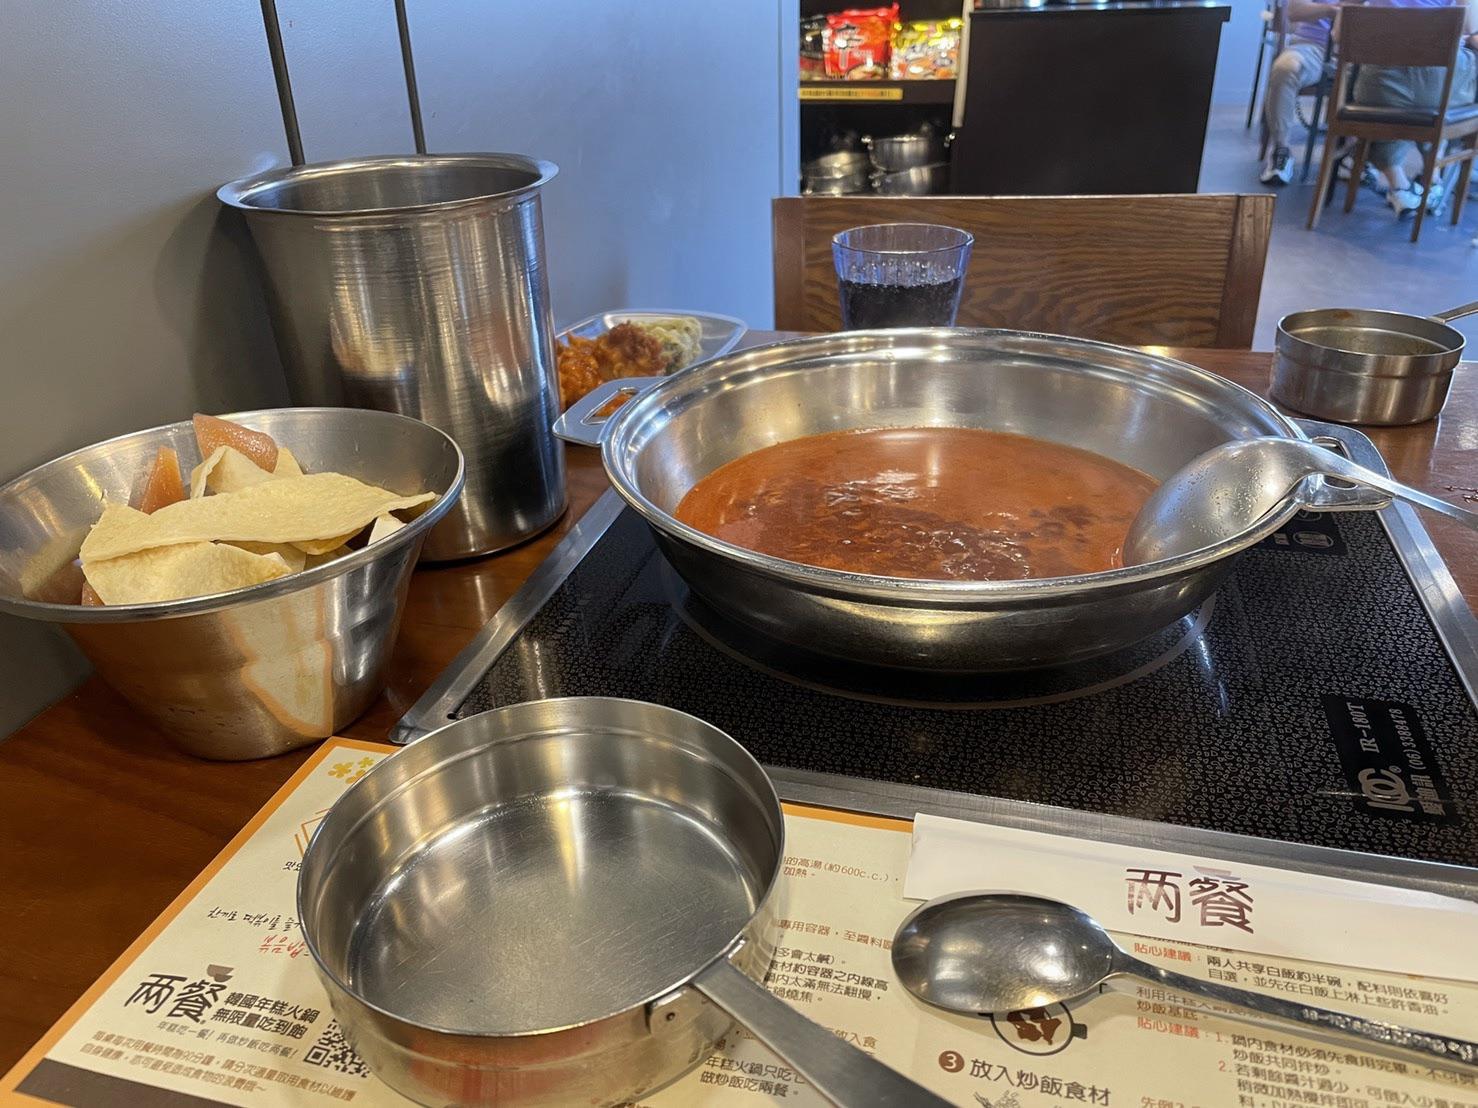 『 兩餐 』 두끼 韓國年糕火鍋吃到飽 中壢店